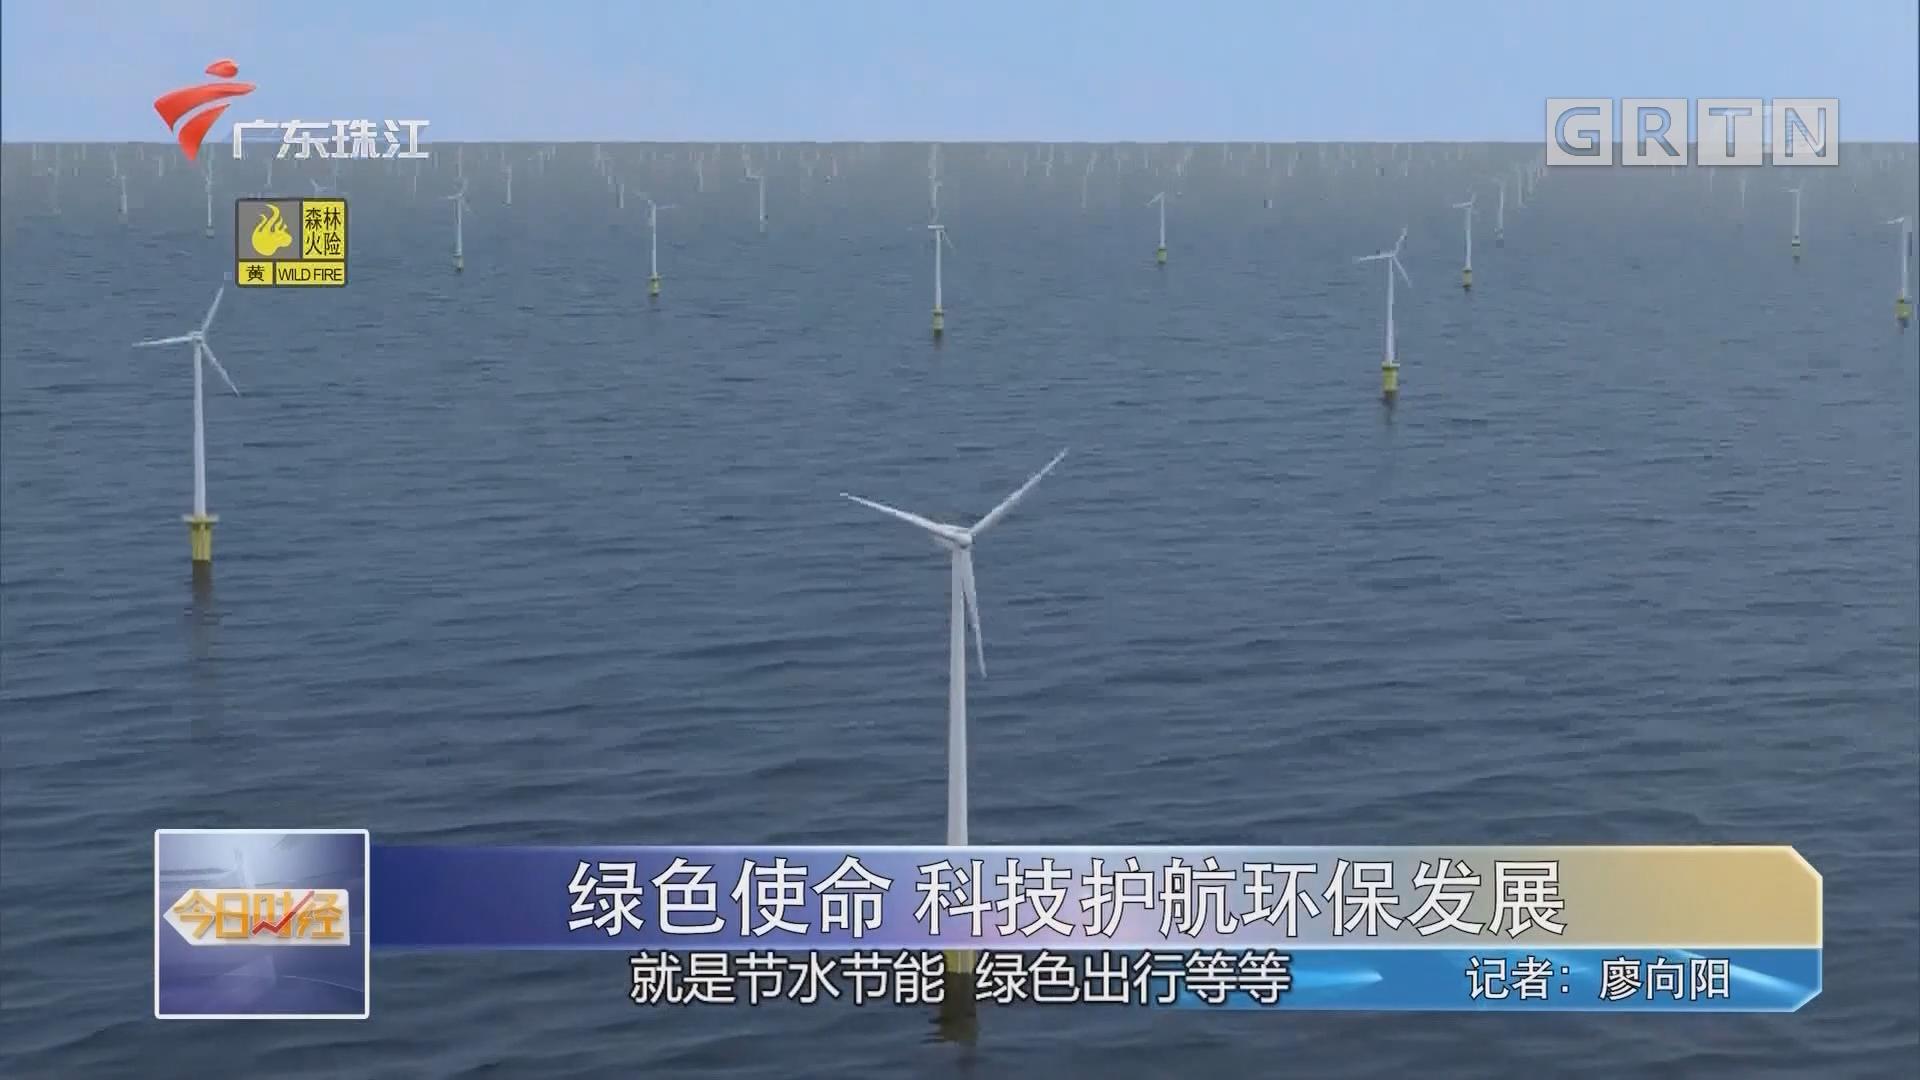 绿色使命 科技护航环保发展